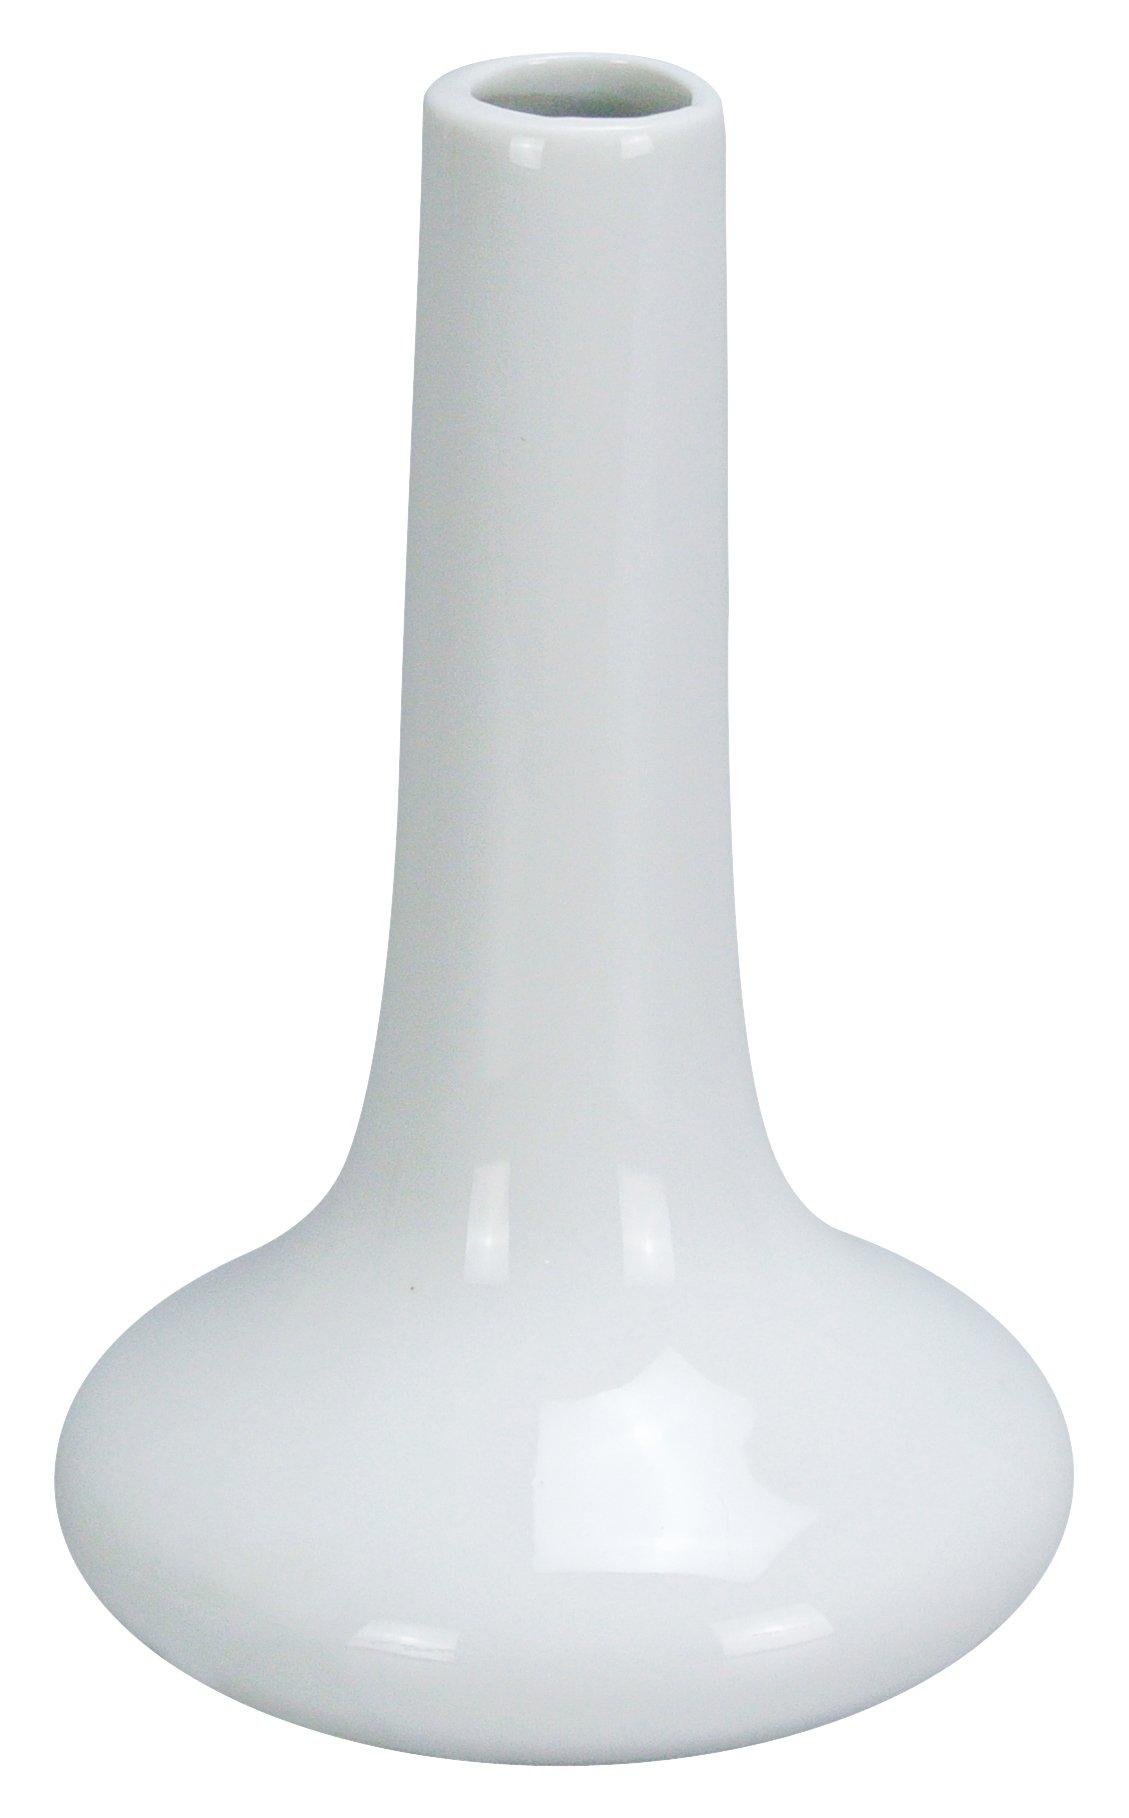 Yanco BV-1 Bud Vase, 6'' Height, Porcelain, Super White Color, Pack of 36